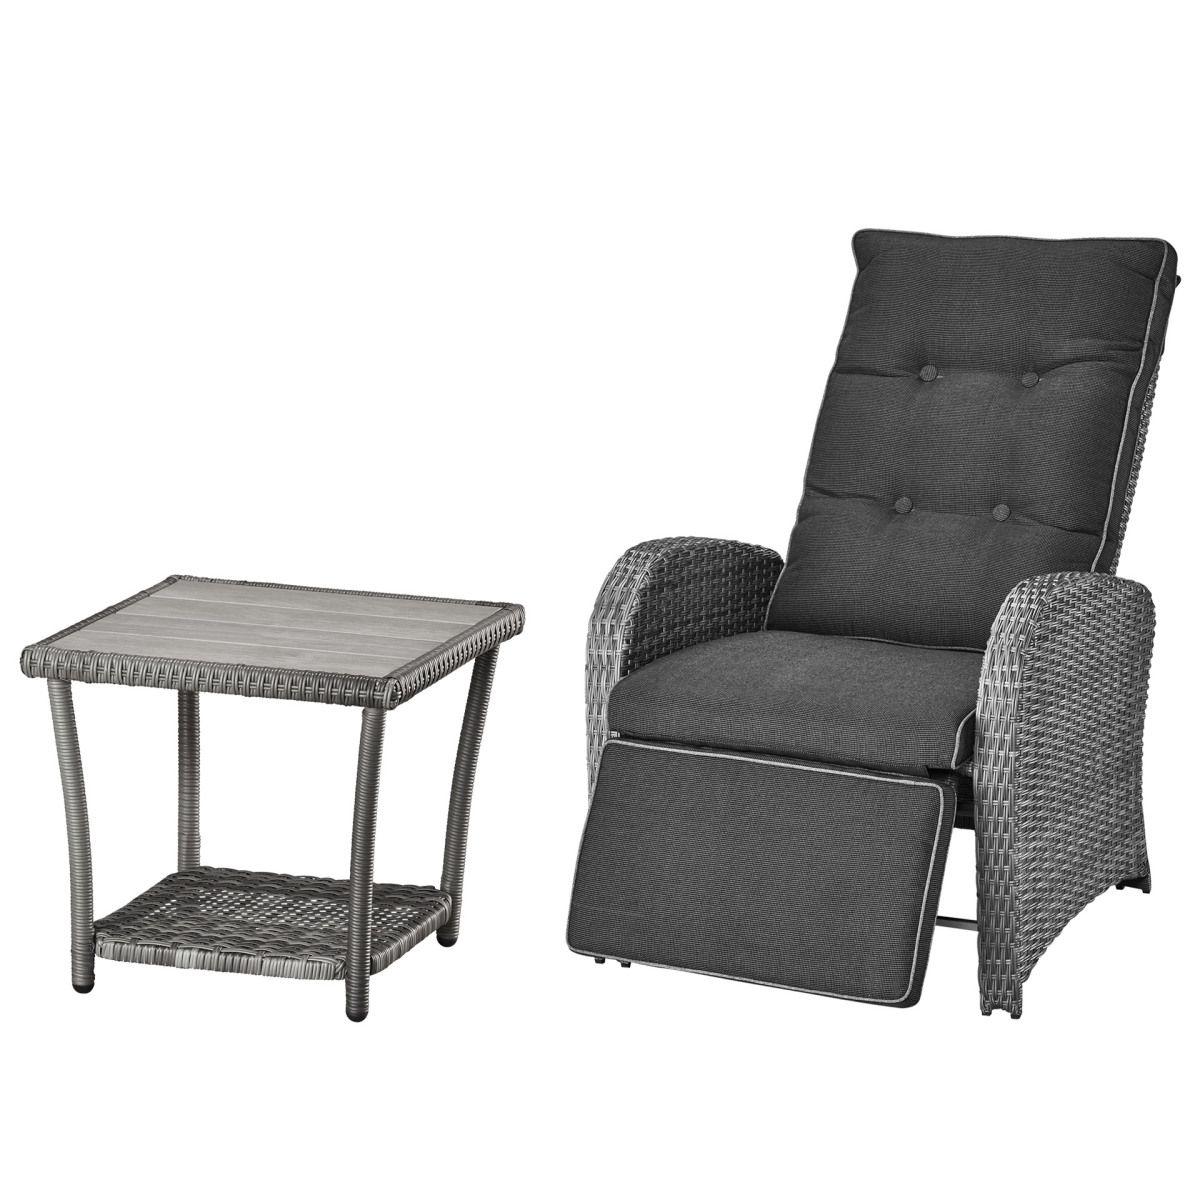 Gartenmöbel-Set Colombo (44x44, 1 Luxus-Komfortsessel, grau) Jetzt ...